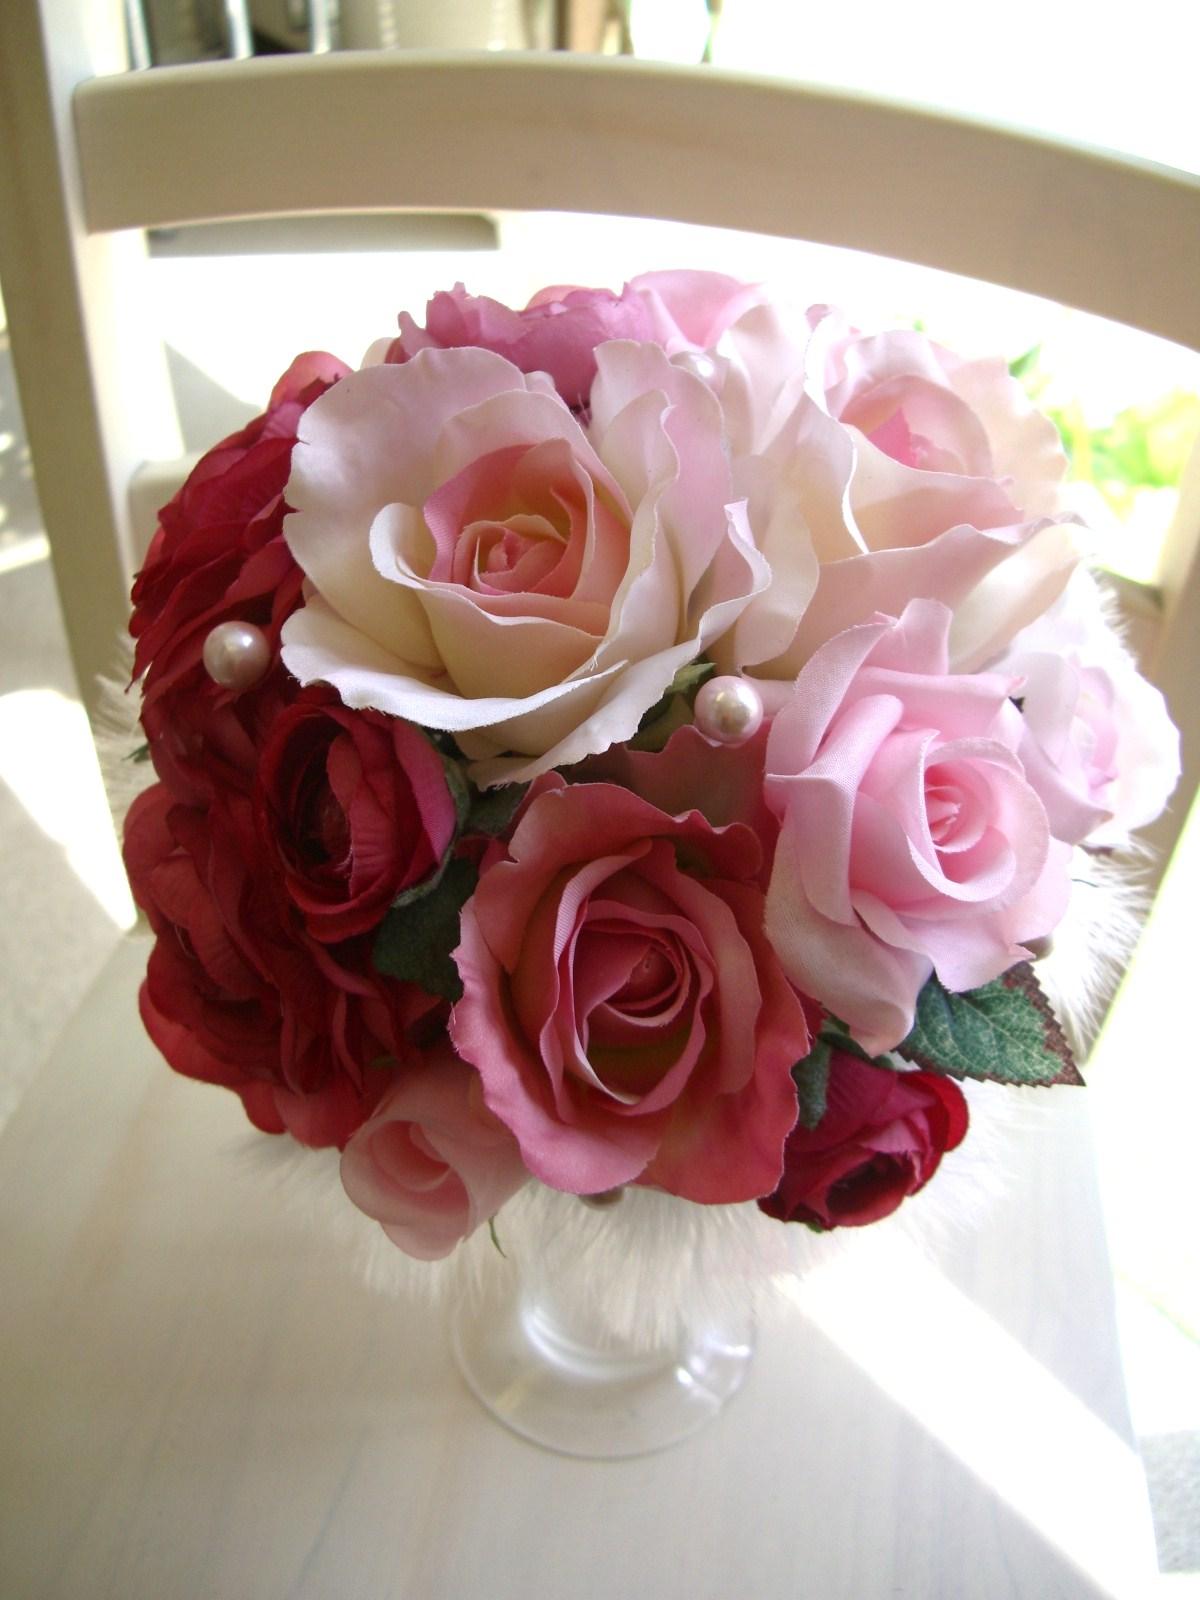 <p>淡いピンクから濃いピンク、赤までミックスしたグラデーション配色のラウンドブーケ。</p><p>造花ブーケは挙式よりも事前に前撮りがある花嫁さんには必須アイテム。</p><p>造花は発色がよくて、実は生花よりも写真映りがいいんです★<br>最近は、姉妹で使いたい!なんて花嫁さんも。<br>もちろん、友達からのプレゼントでもこれなら納得。</p>